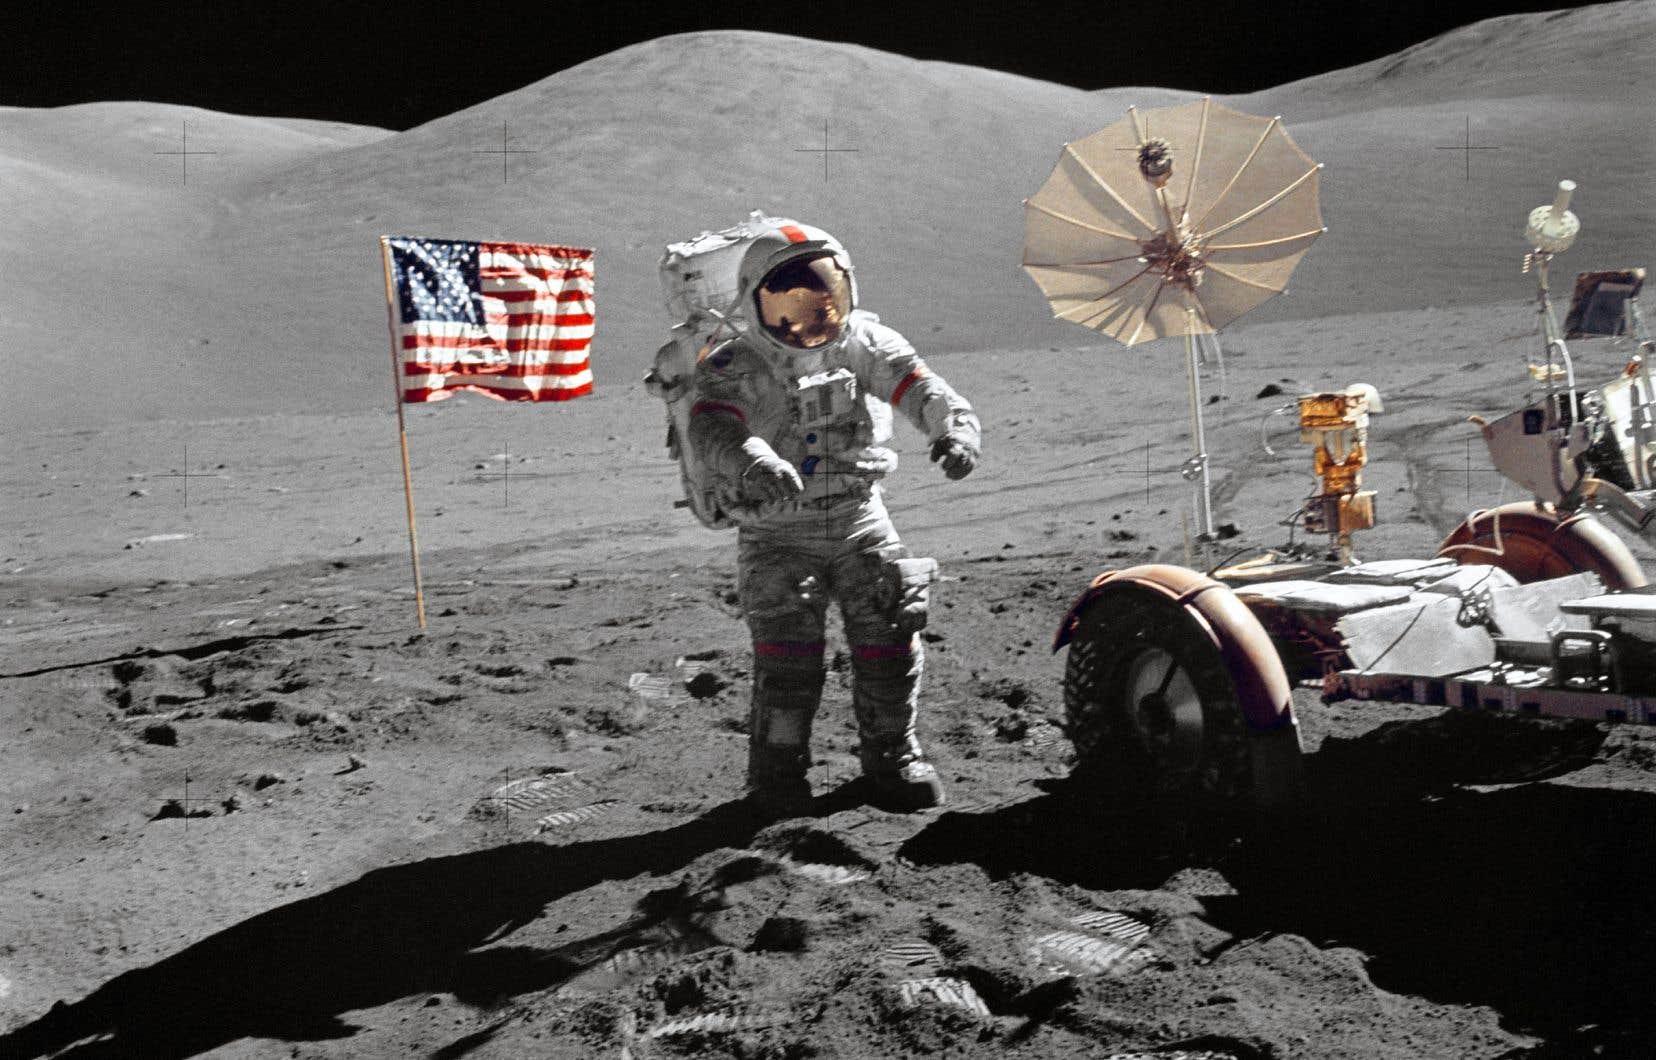 L'astronaute Eugene A. Cernan sur la Lune en décembre 1972 dans le cadre de la mission Apollo 17. Personne n'a remis le pied sur la Lune depuis cette époque.